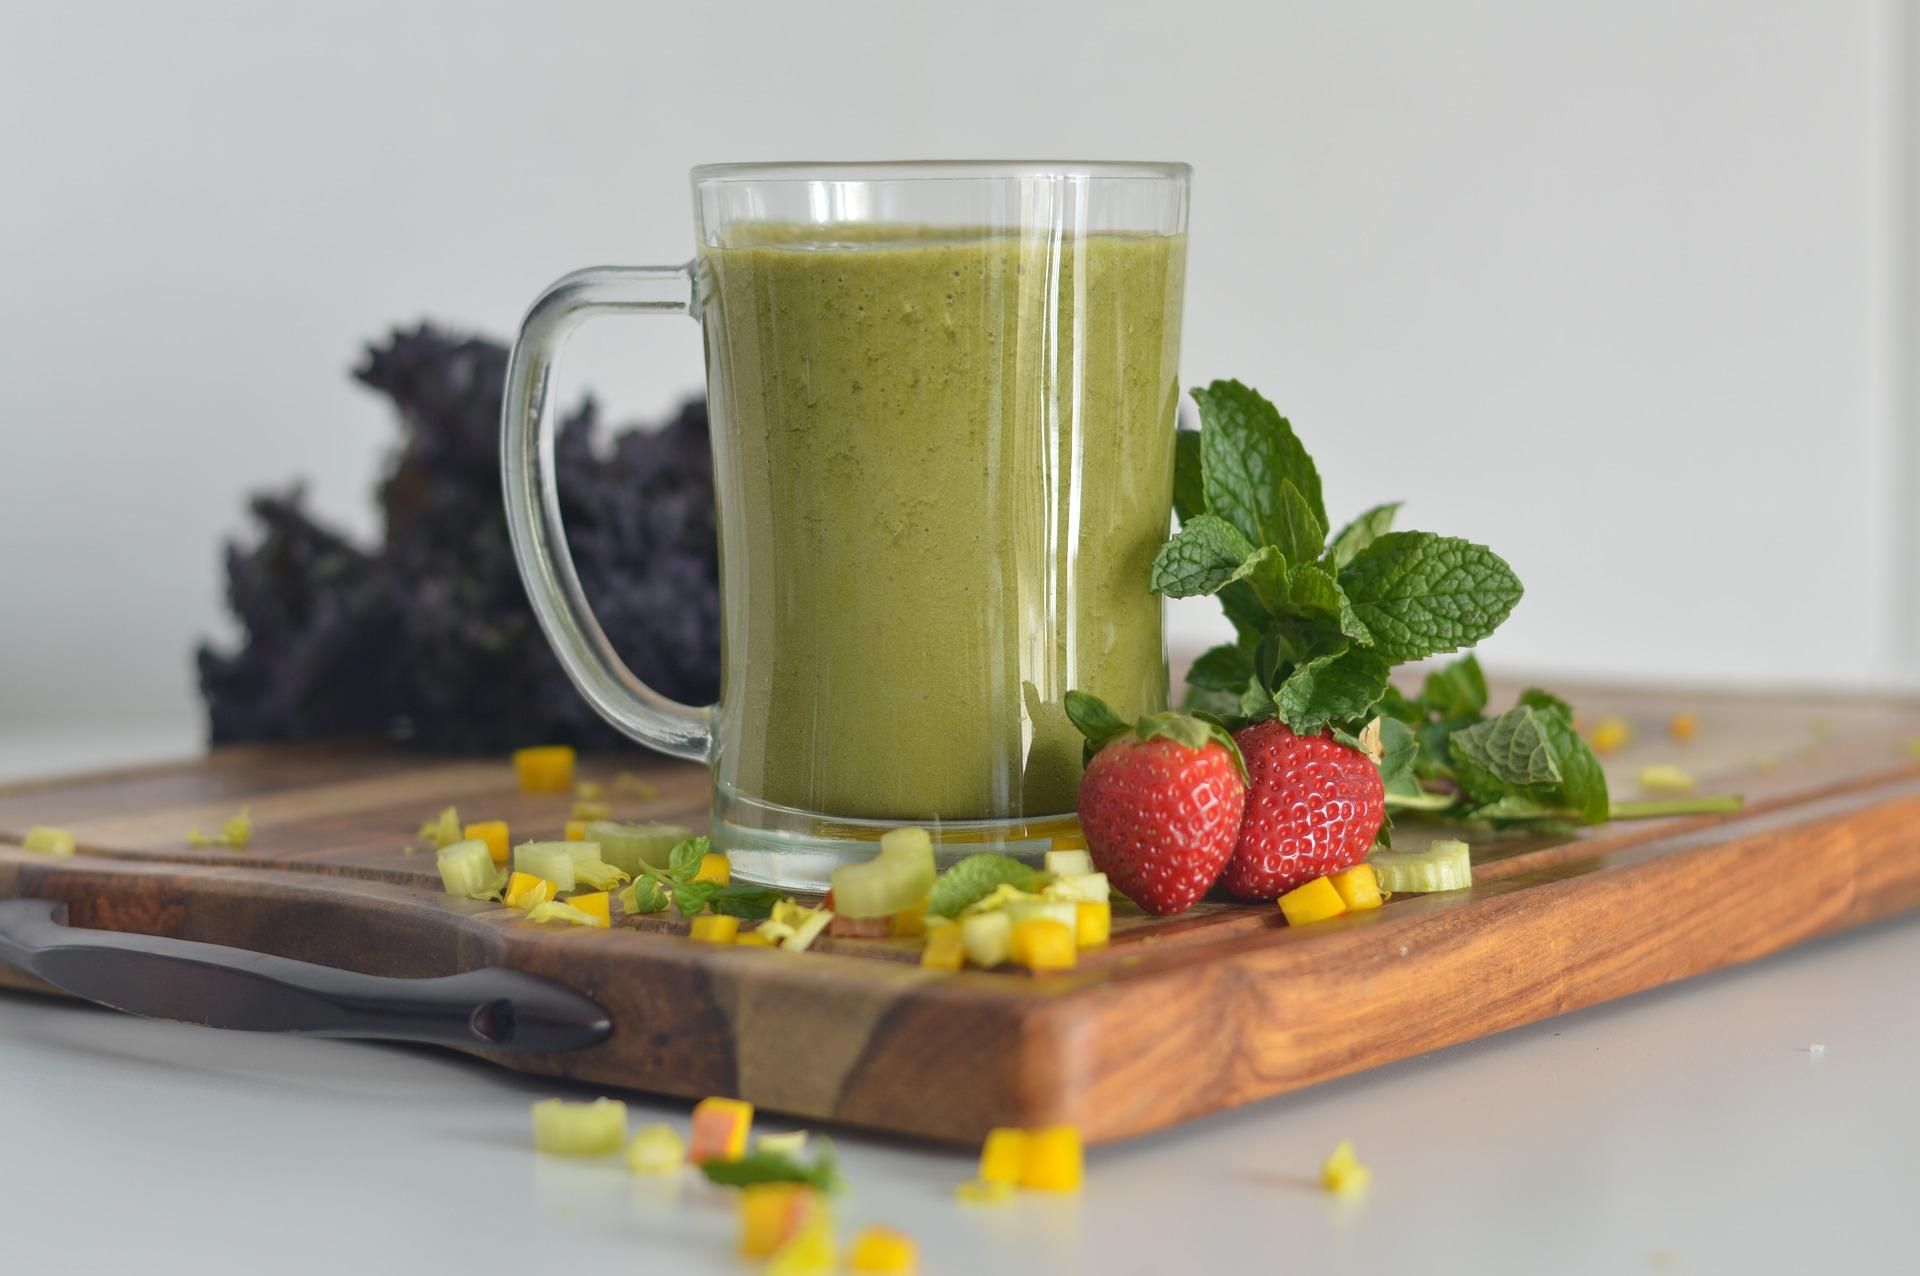 Vemos um copo com bebida verde e frutas ao lado (imagem ilustrativa). Texto: franquias gastronomia.